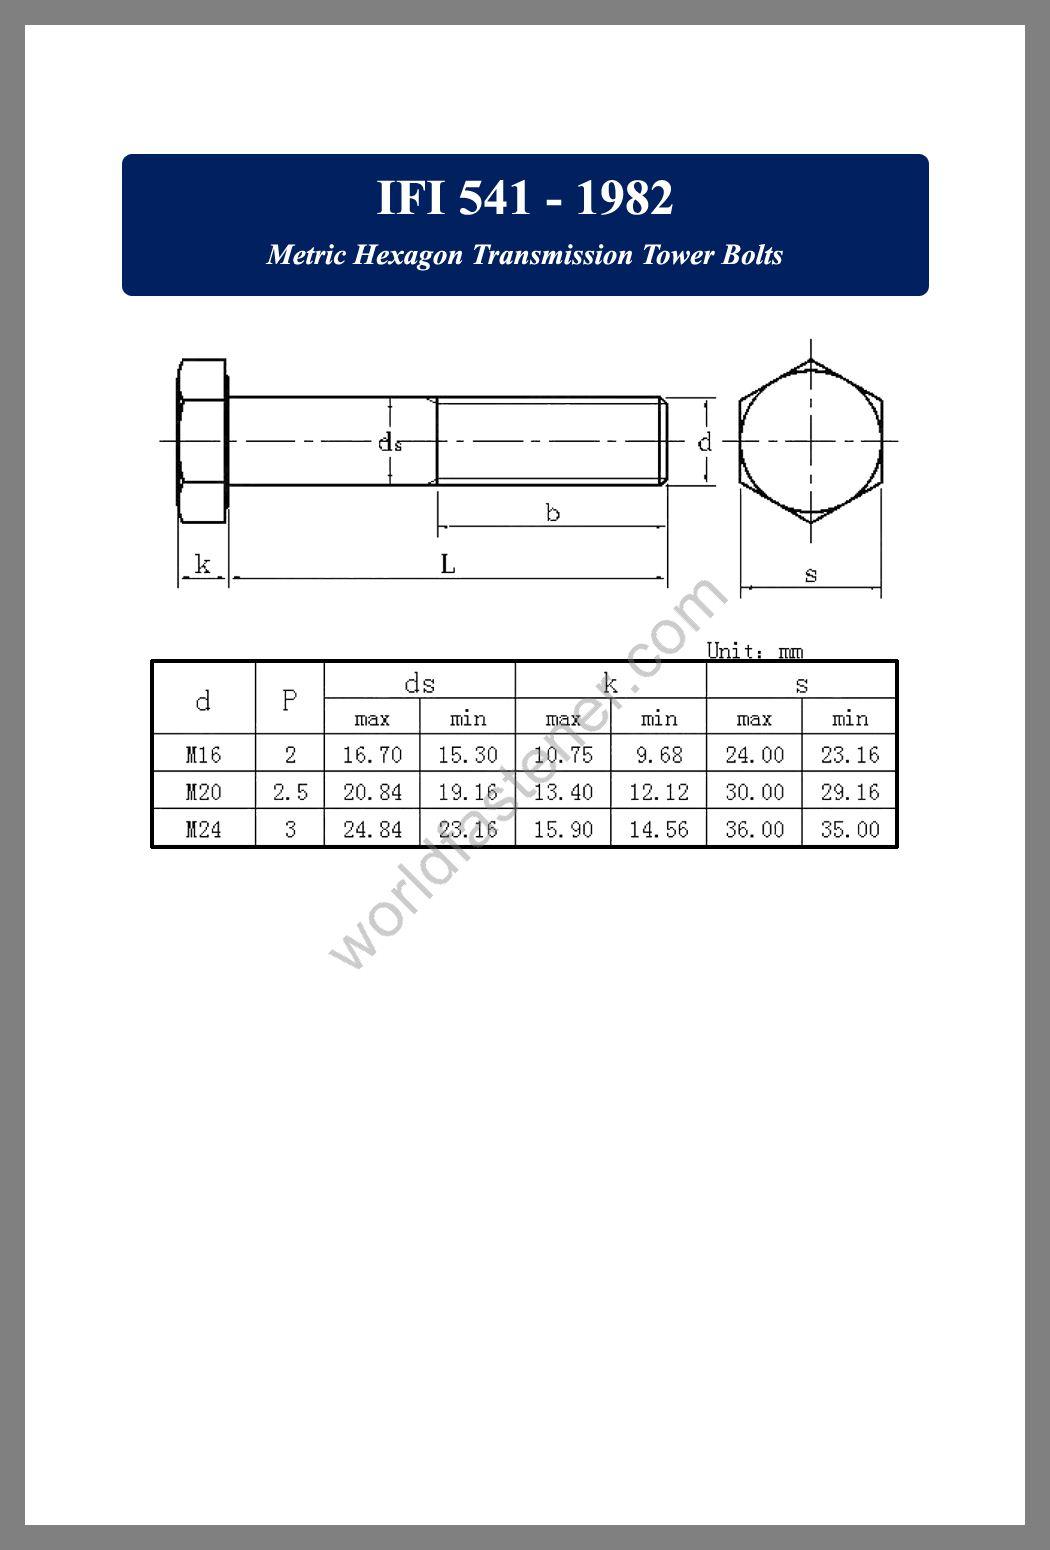 IFI 541, IFI 541 Metric Hexagon Transmission Tower Bolts, fastener, screw, bolt, IFI bolt, IFI fastener